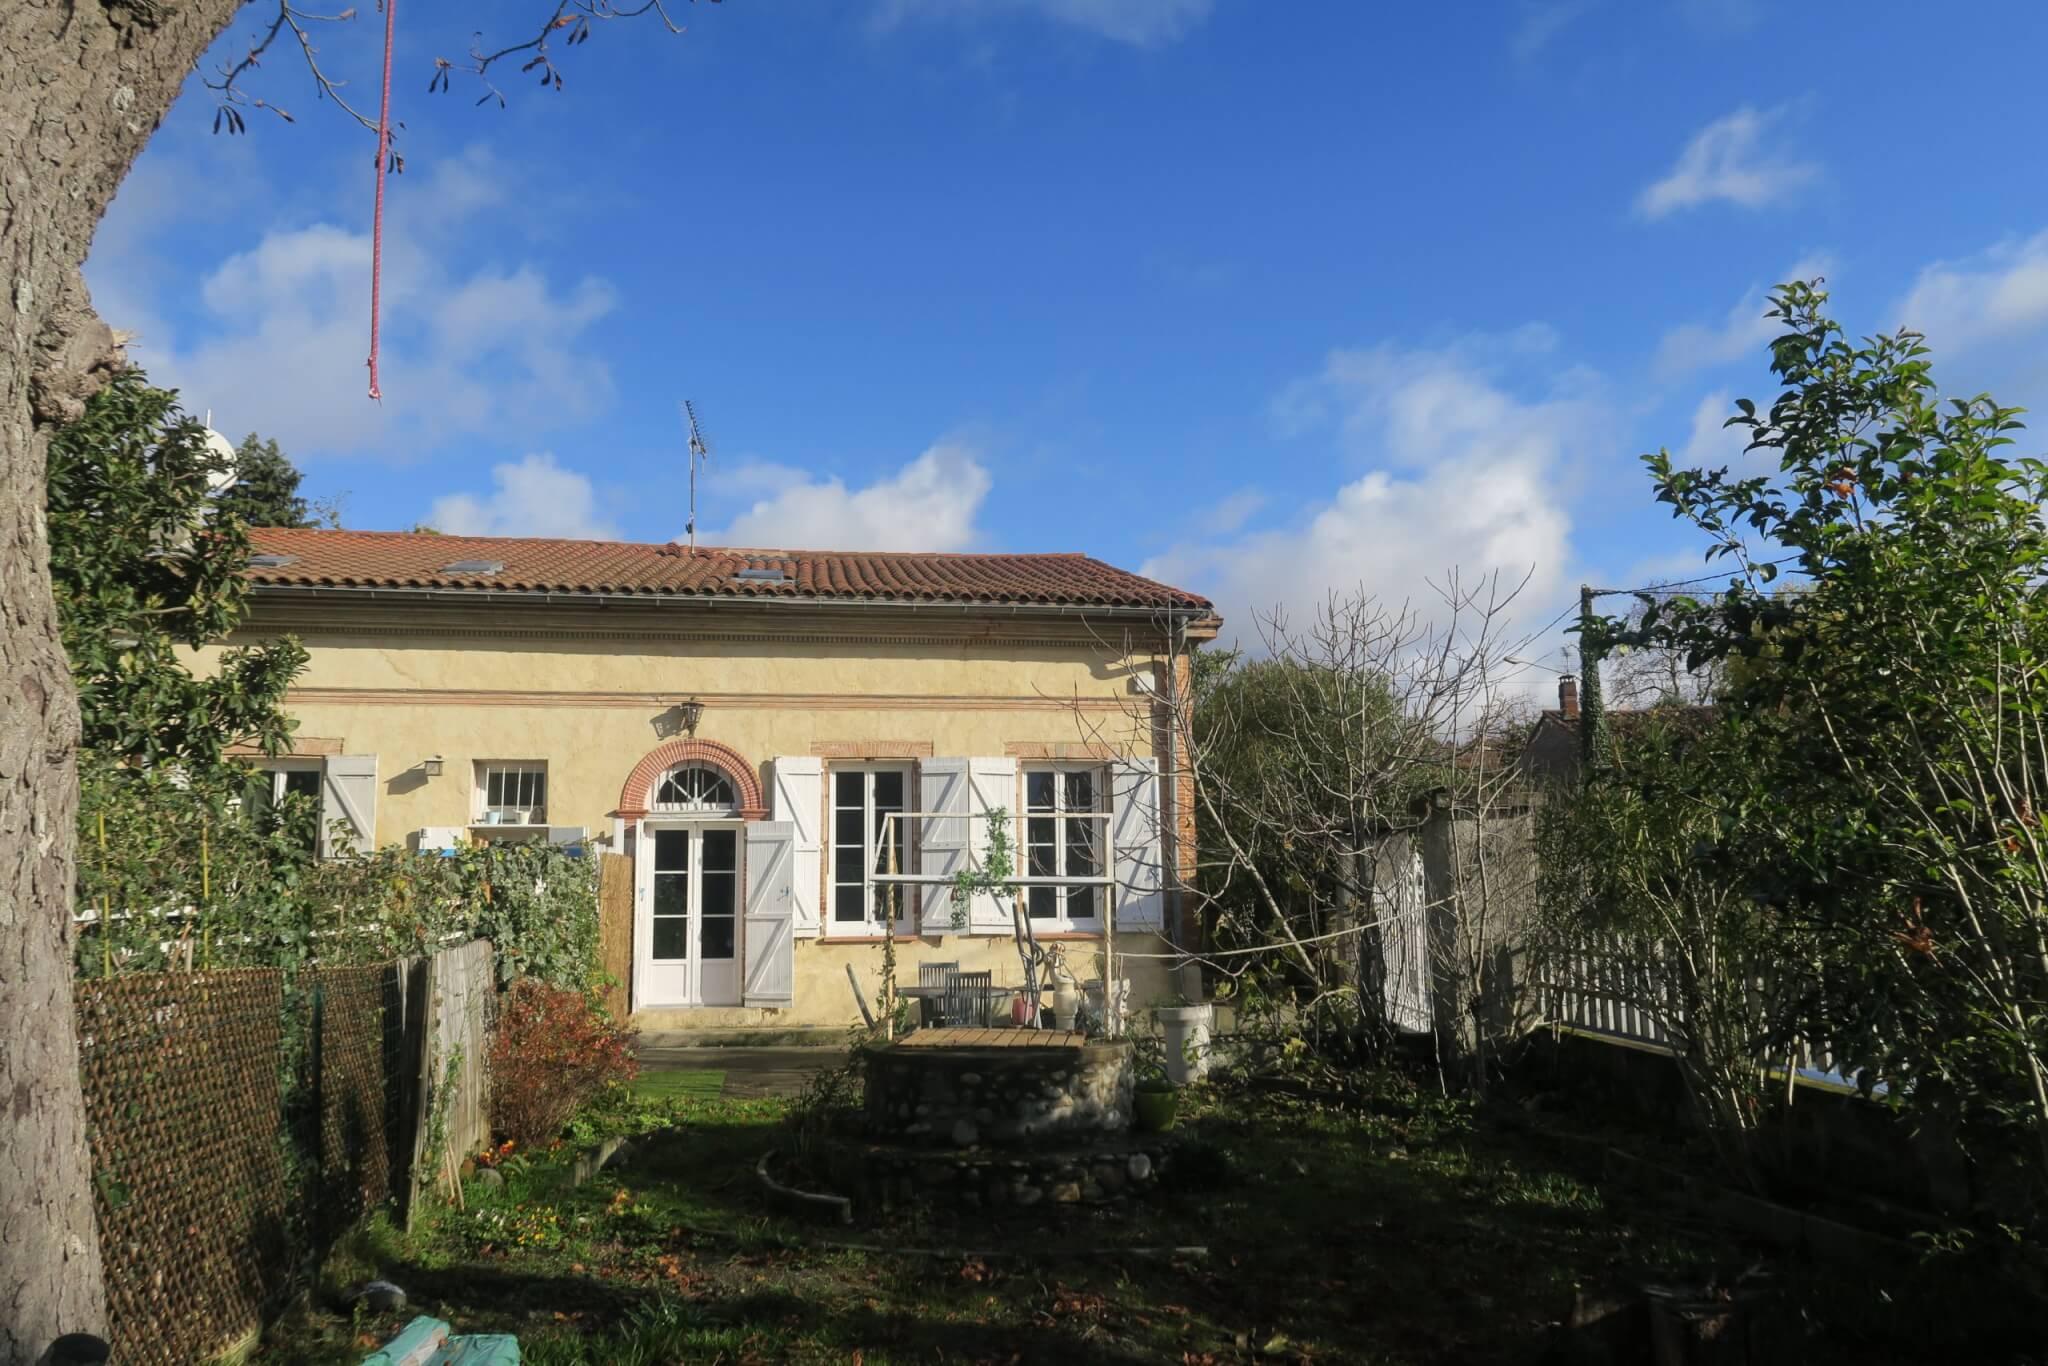 Maison de ville mitoyenne ancienne rénovée avec son jardin privatif